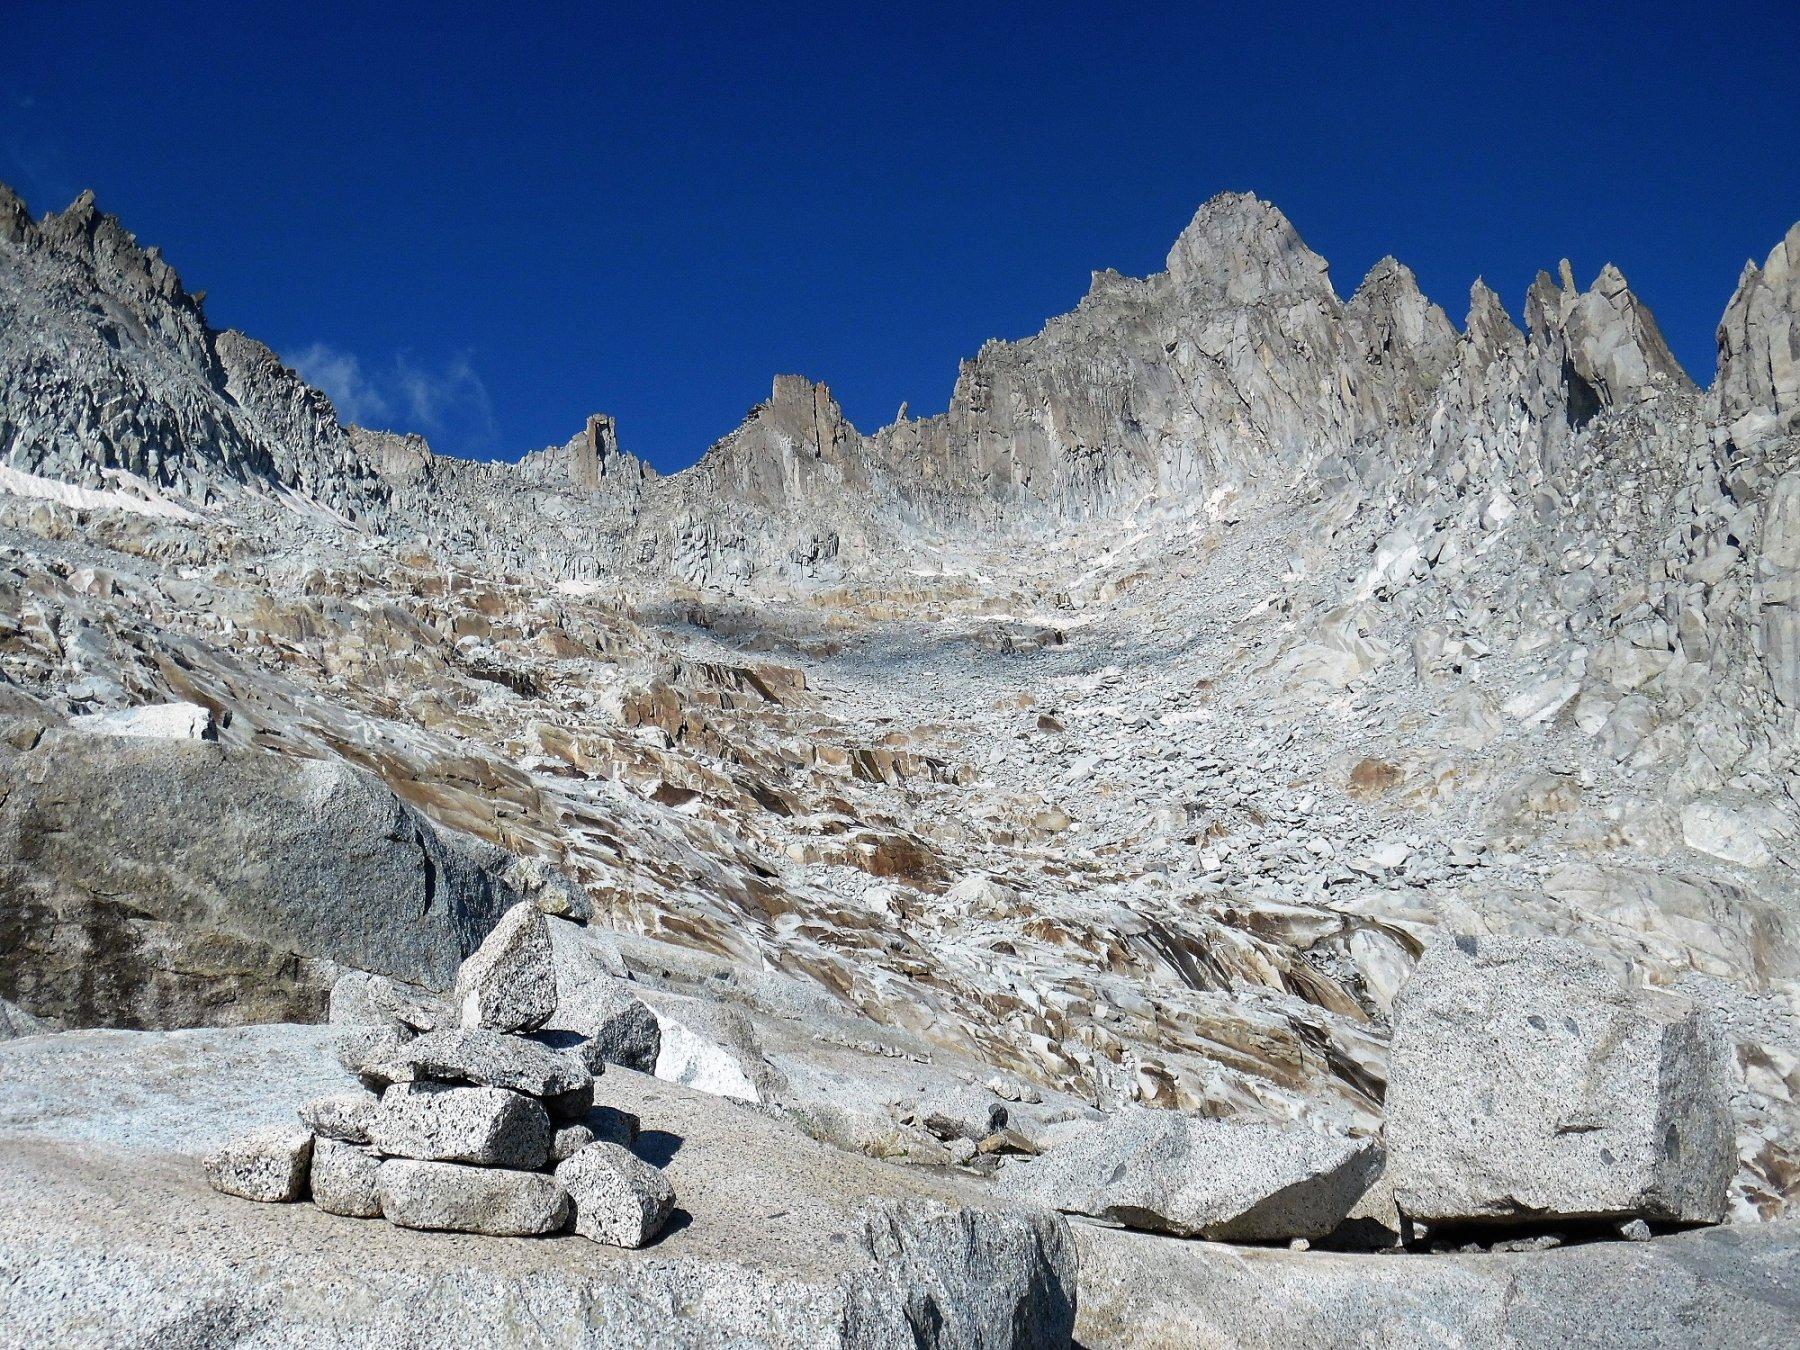 Anfiteatro glaciale granitico. Svetta il Monte Nero.